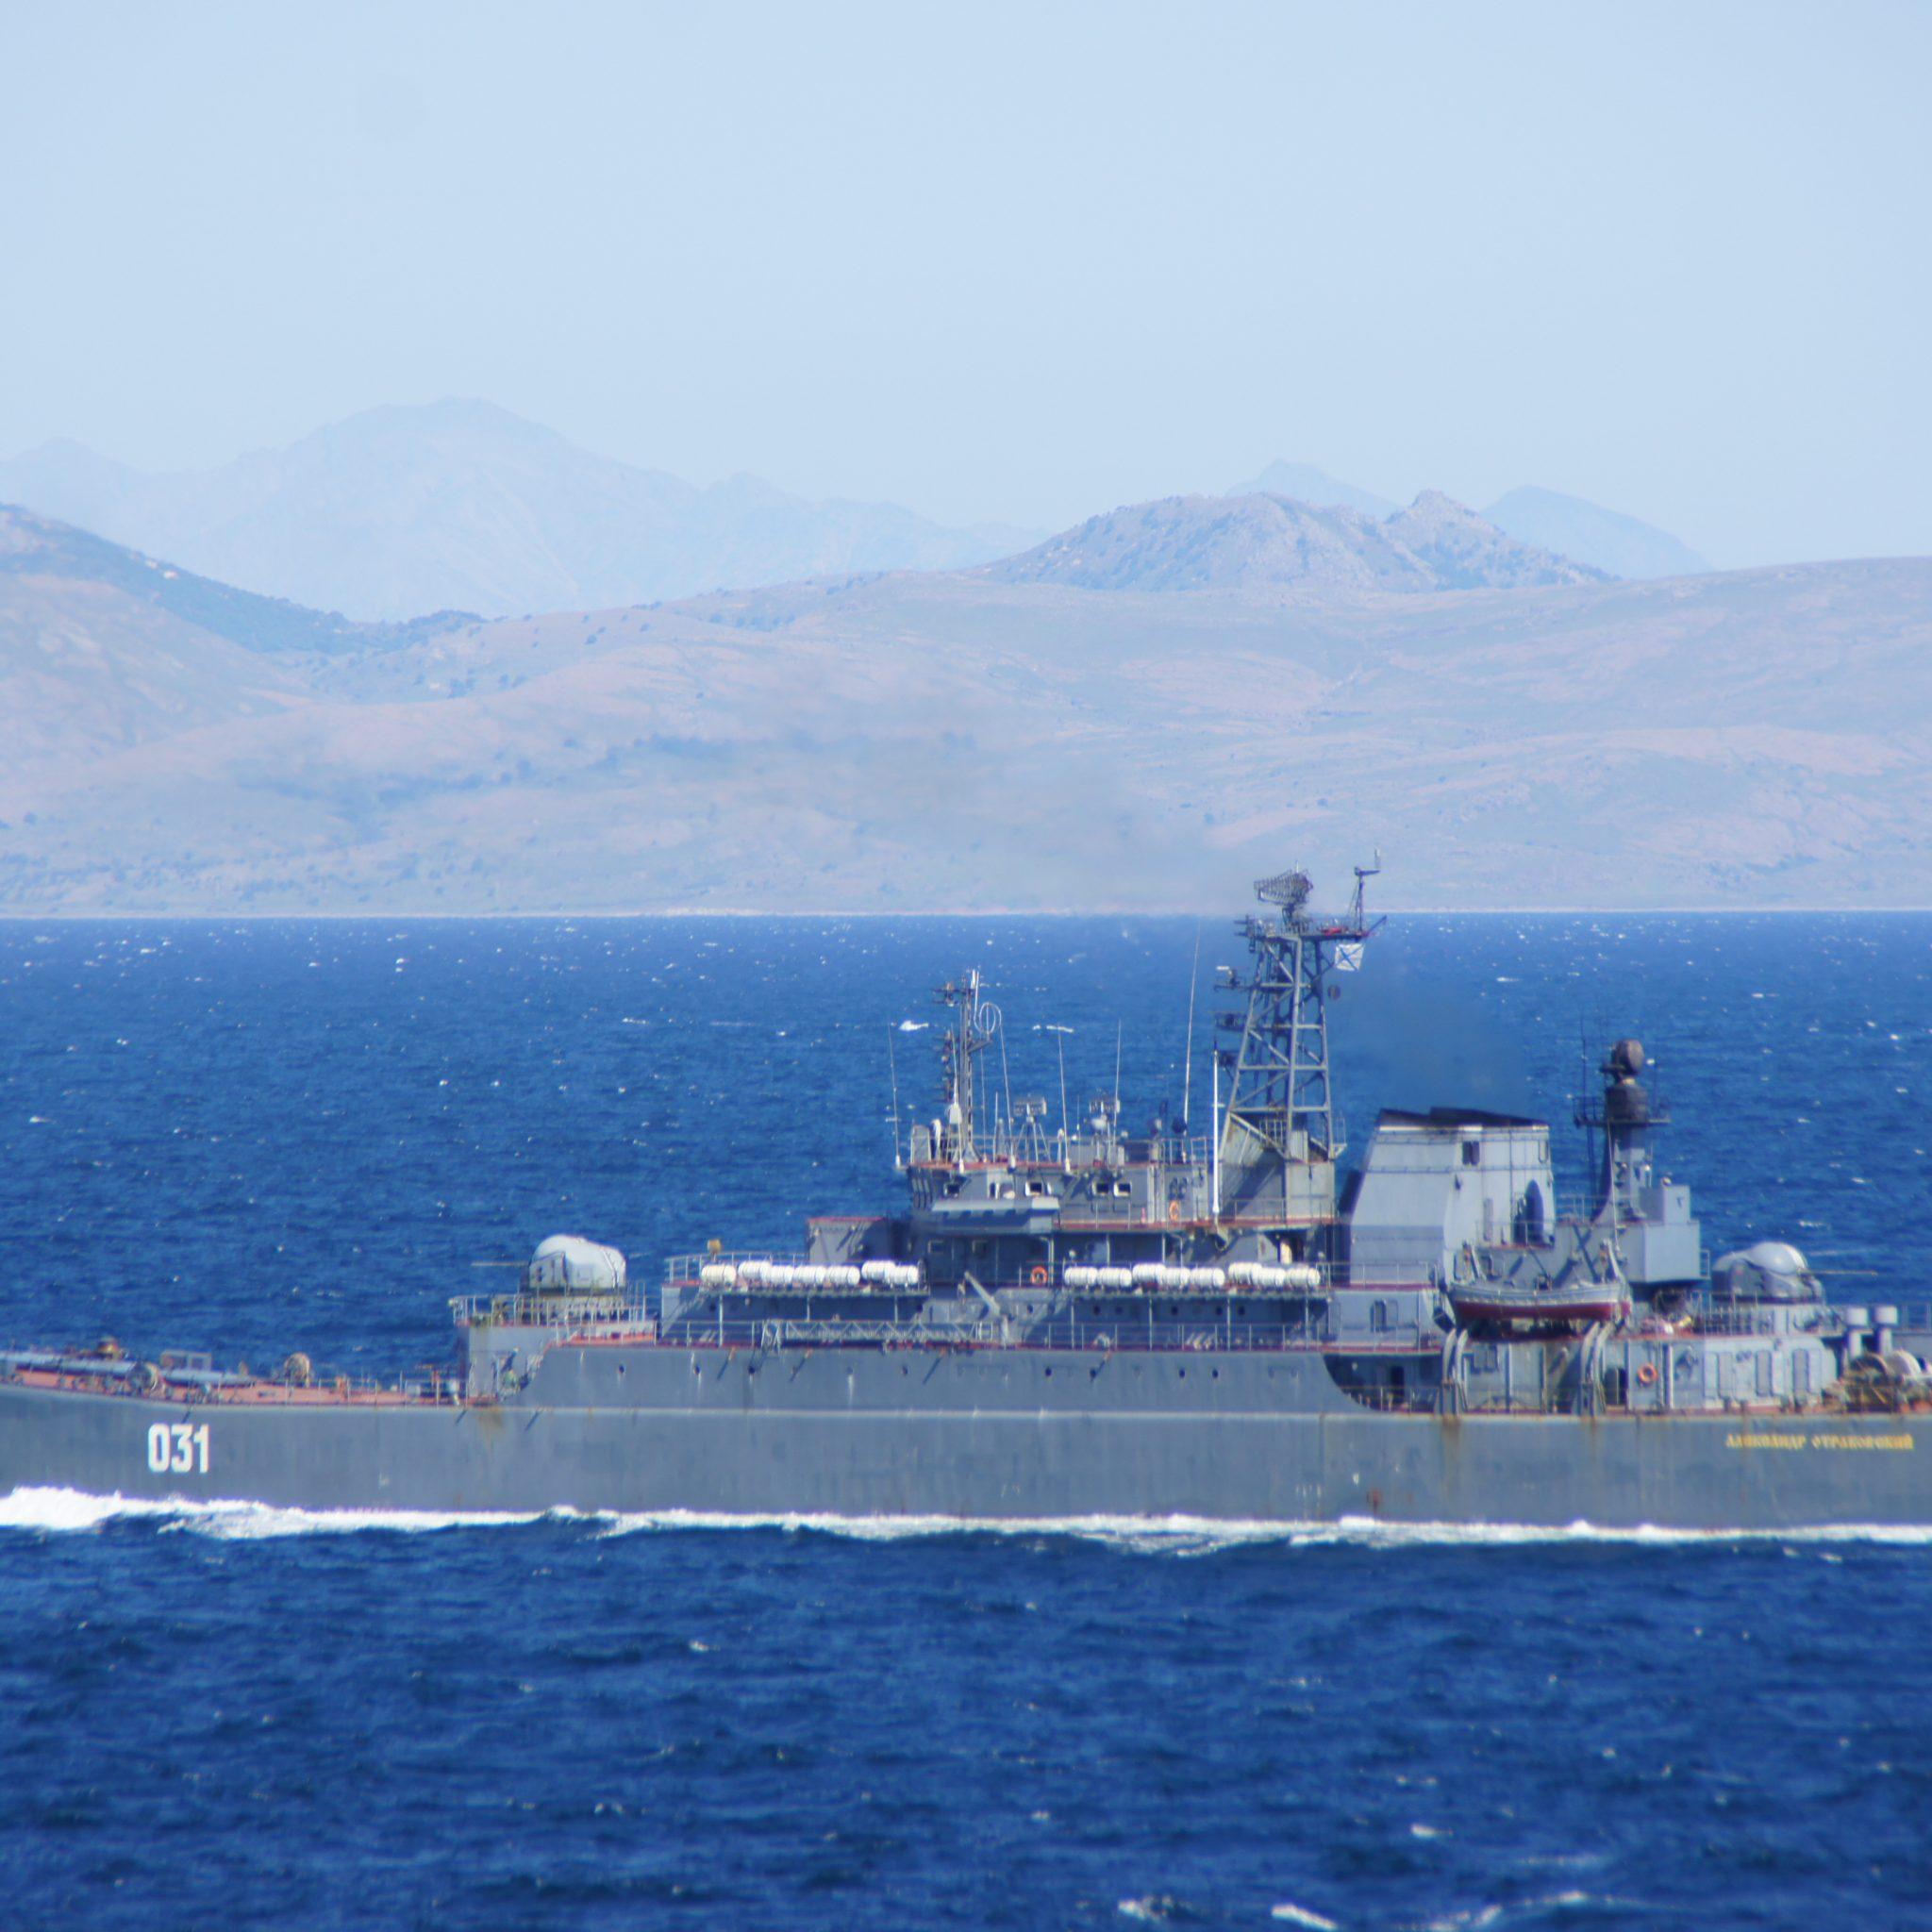 Russisch marineschip gespot in de Dardanellen.